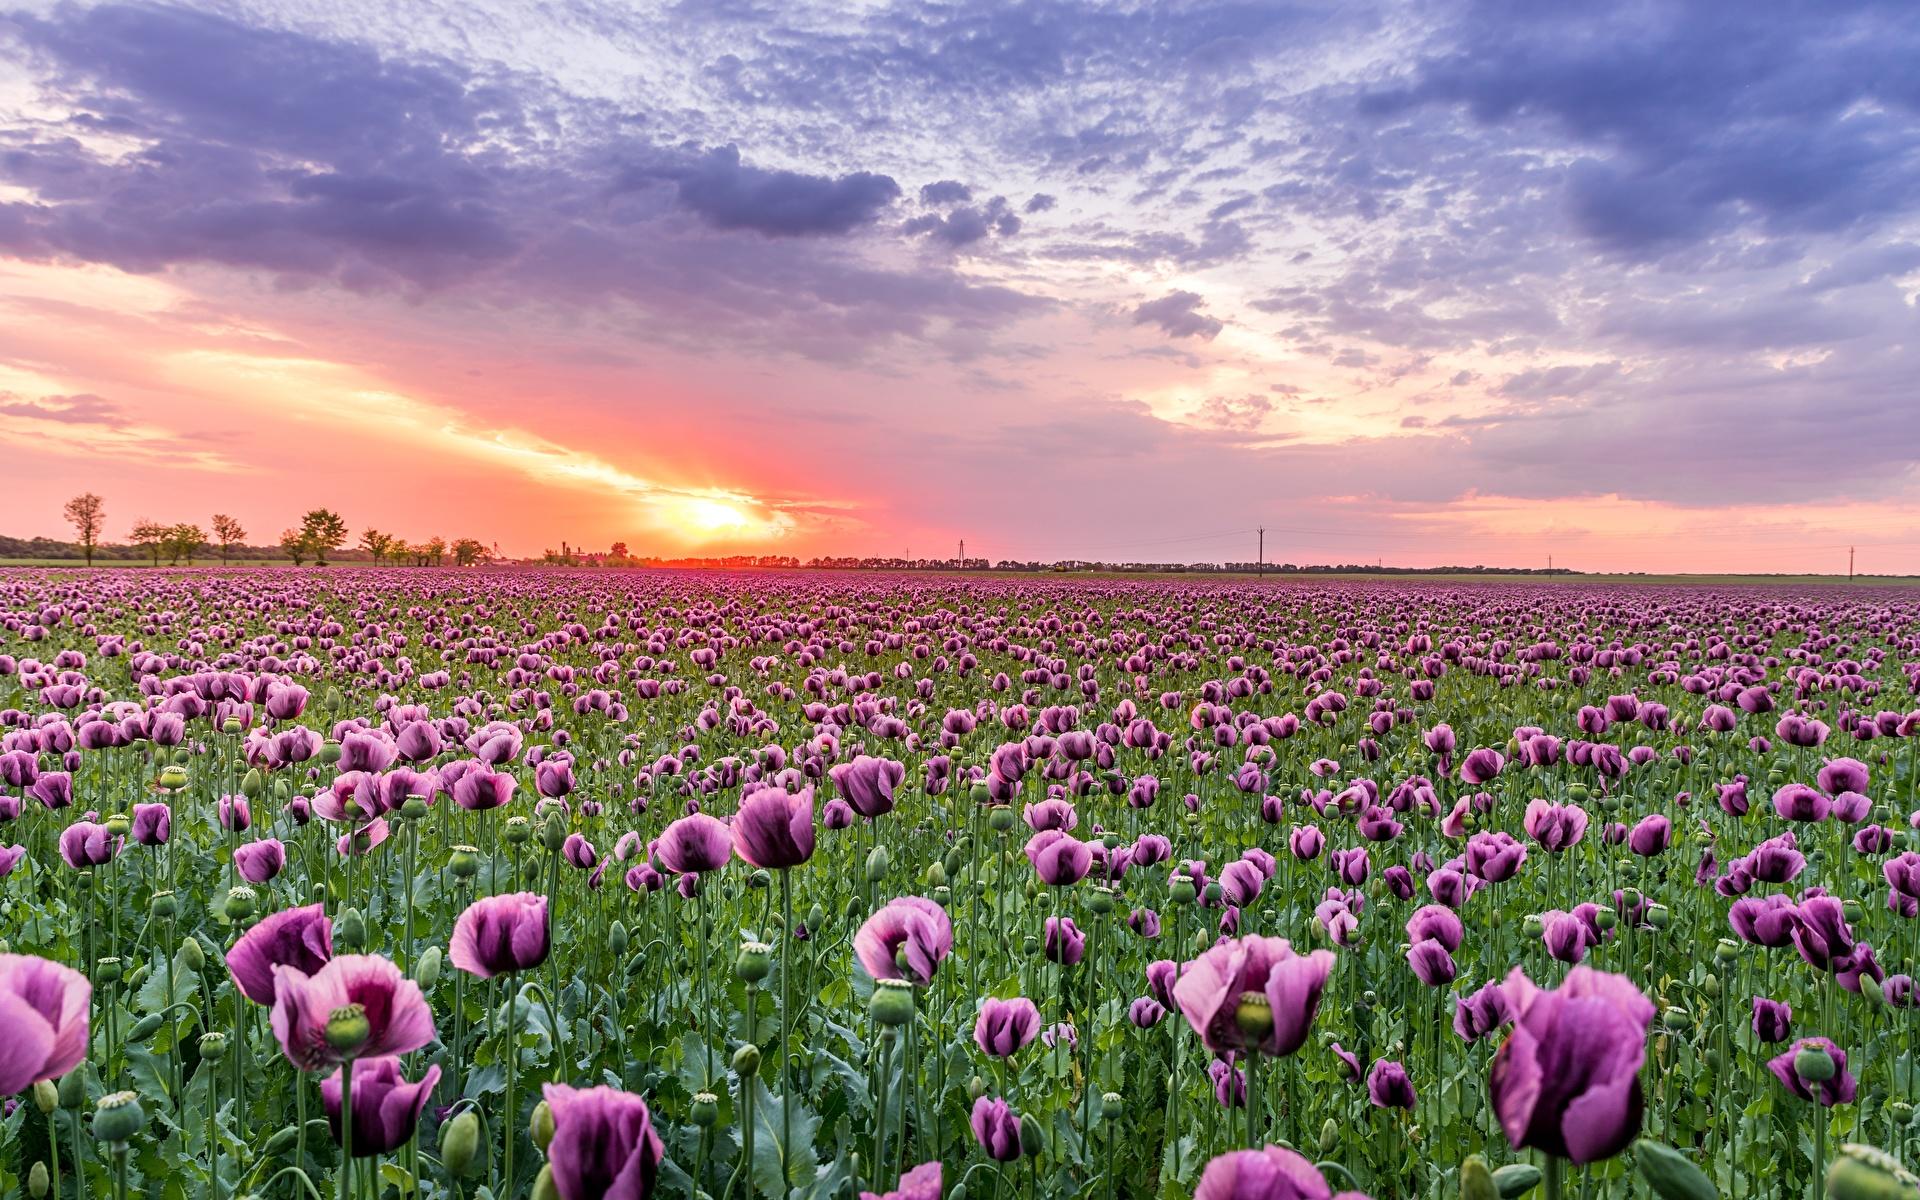 Картинка Природа Поля Маки Цветы Рассветы и закаты 1920x1200